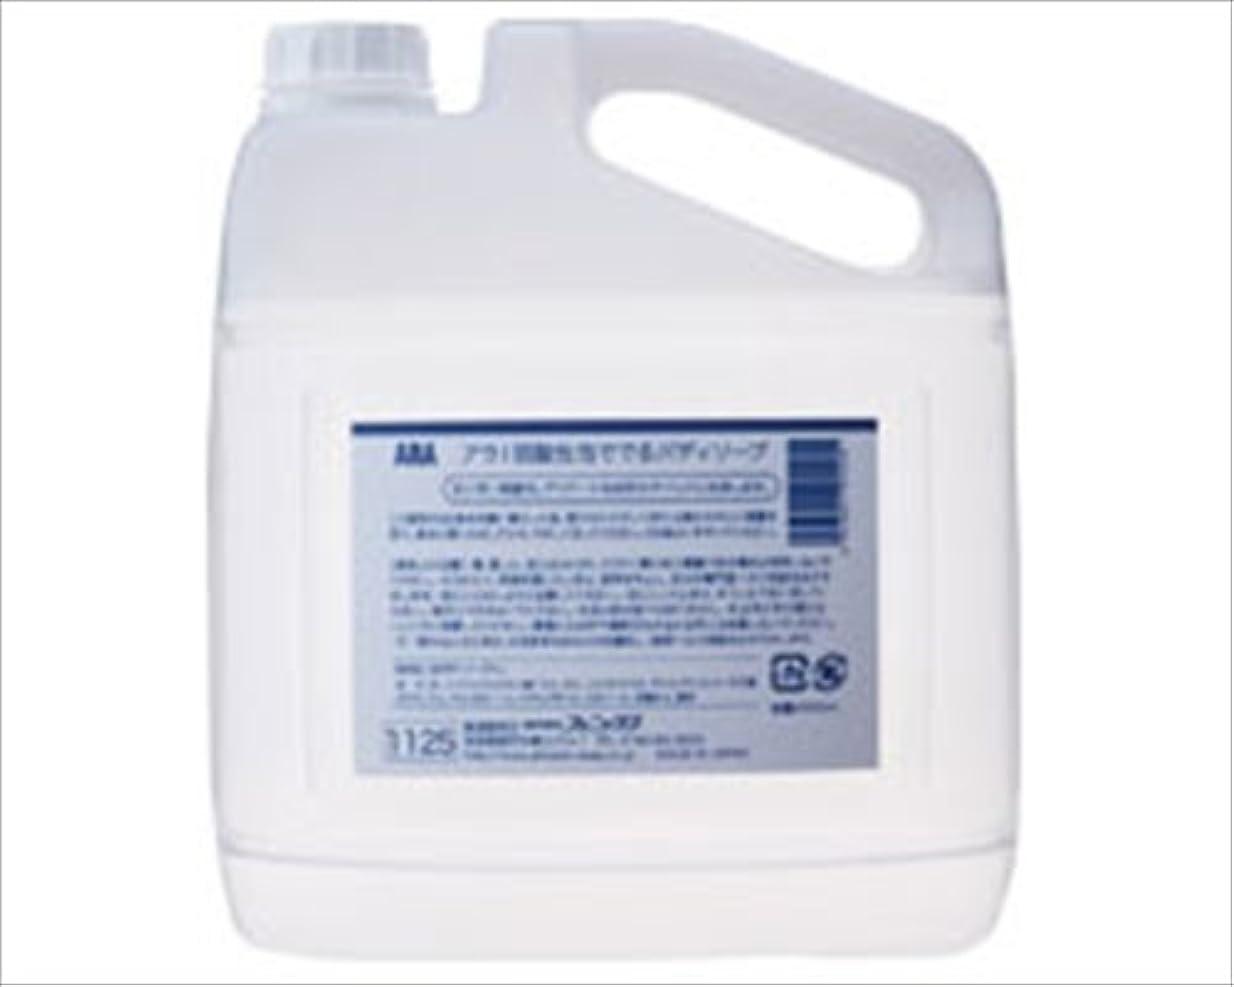 弱酸性泡ででるボディソープ (アラ) 4L /7-2238-02